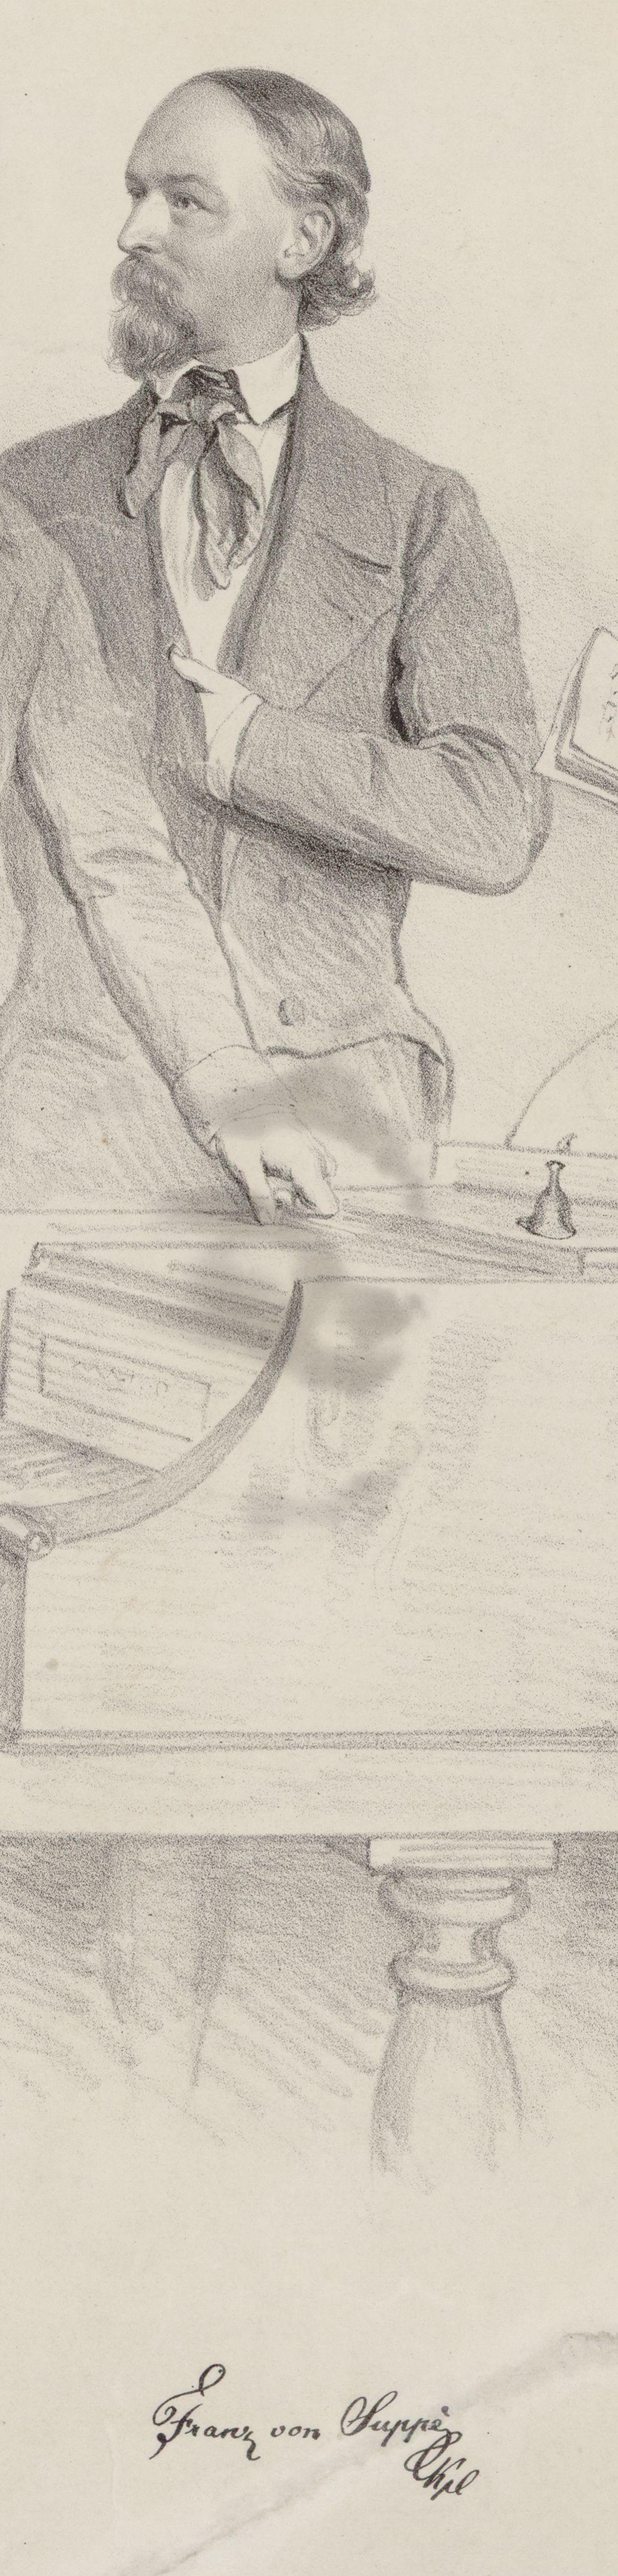 Franz von SUPPÈ, extrait d'une gravure de Josef Kriehuber, 1852, cliquer pour voir l'original et ses références sur le site GALLICA